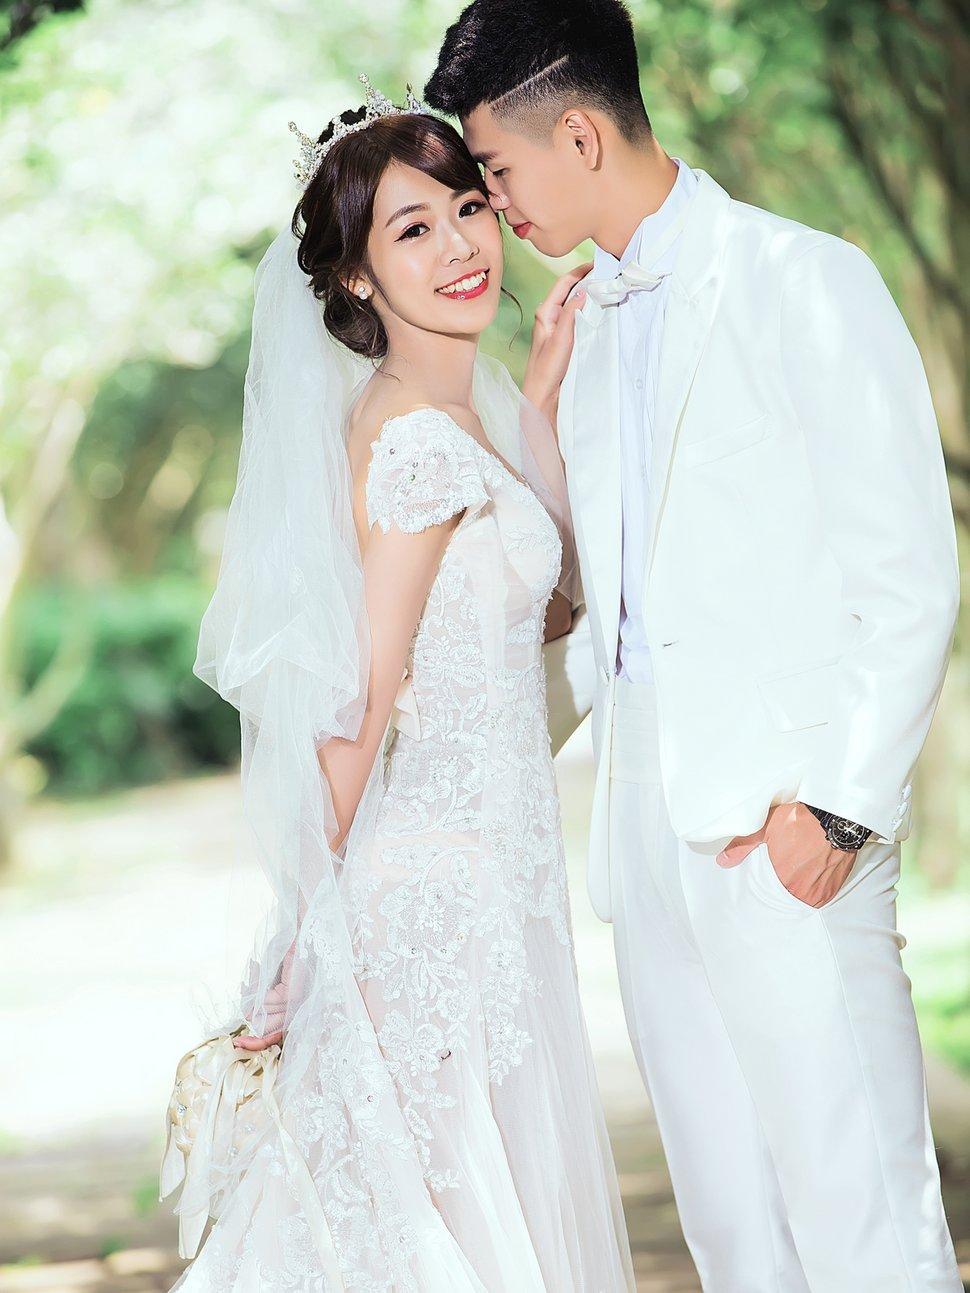 伊頓自助婚紗 (4) - 伊頓自助婚紗 ▌台北高雄板橋桃園新竹台南《結婚吧》